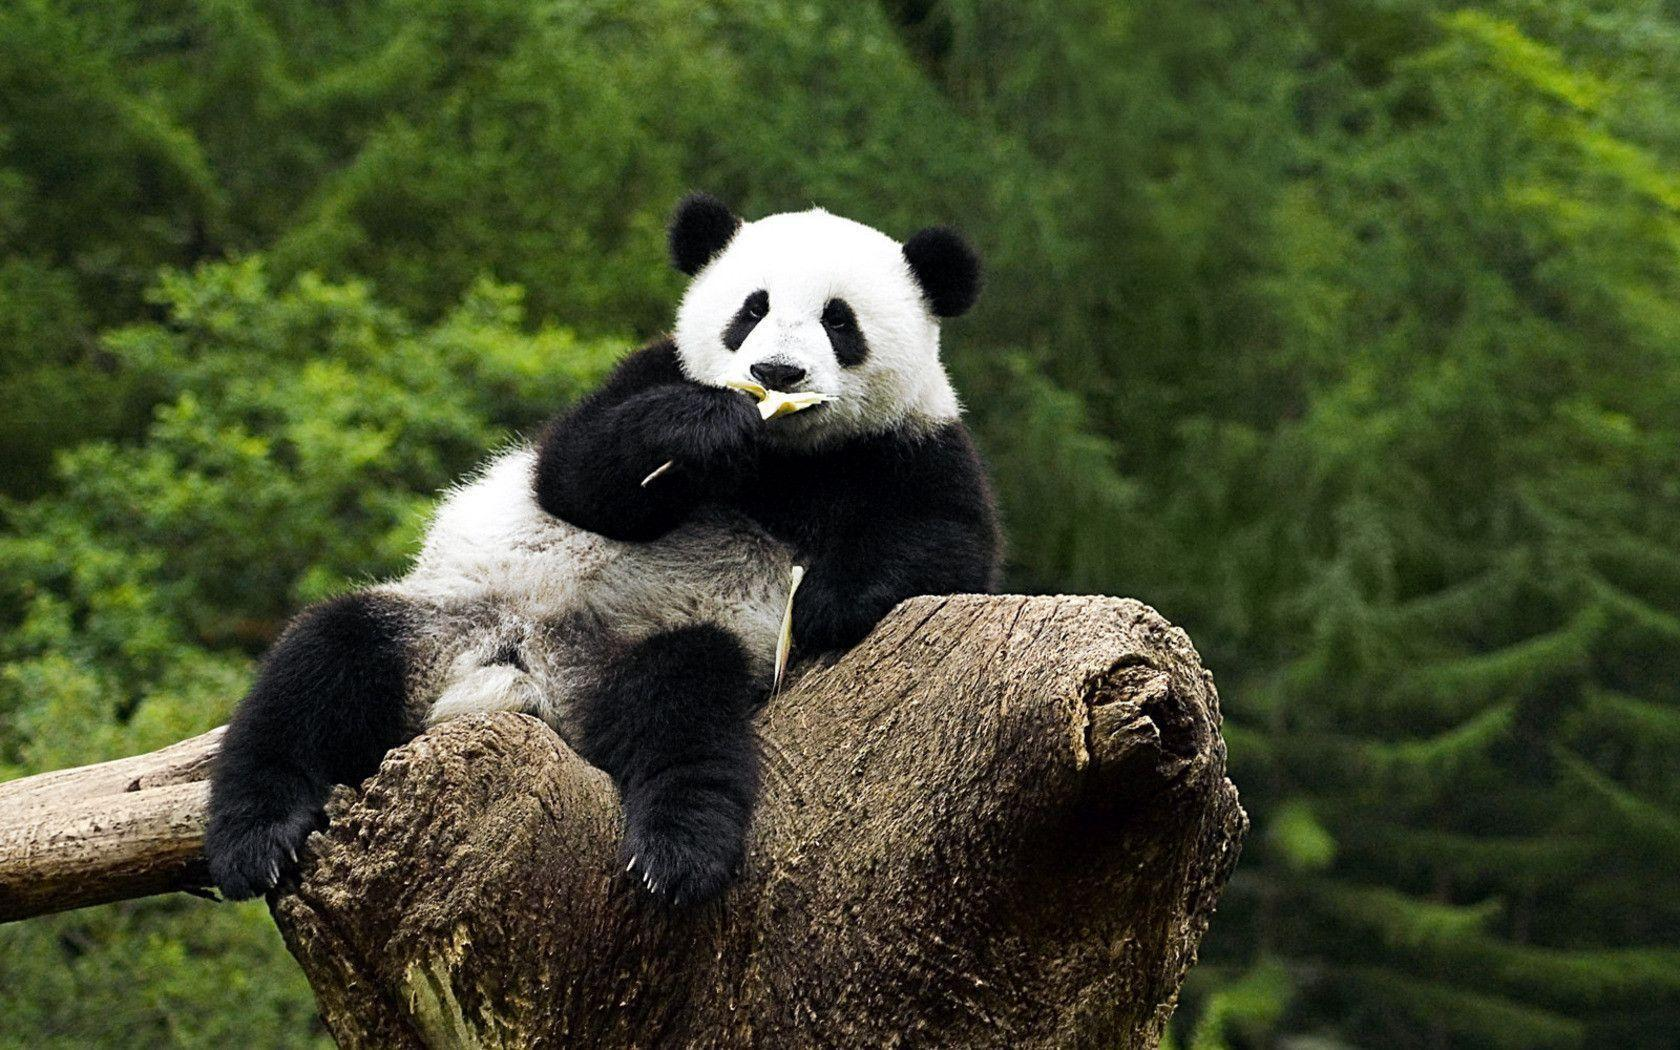 Panda Bear Wallpapers 1680x1050